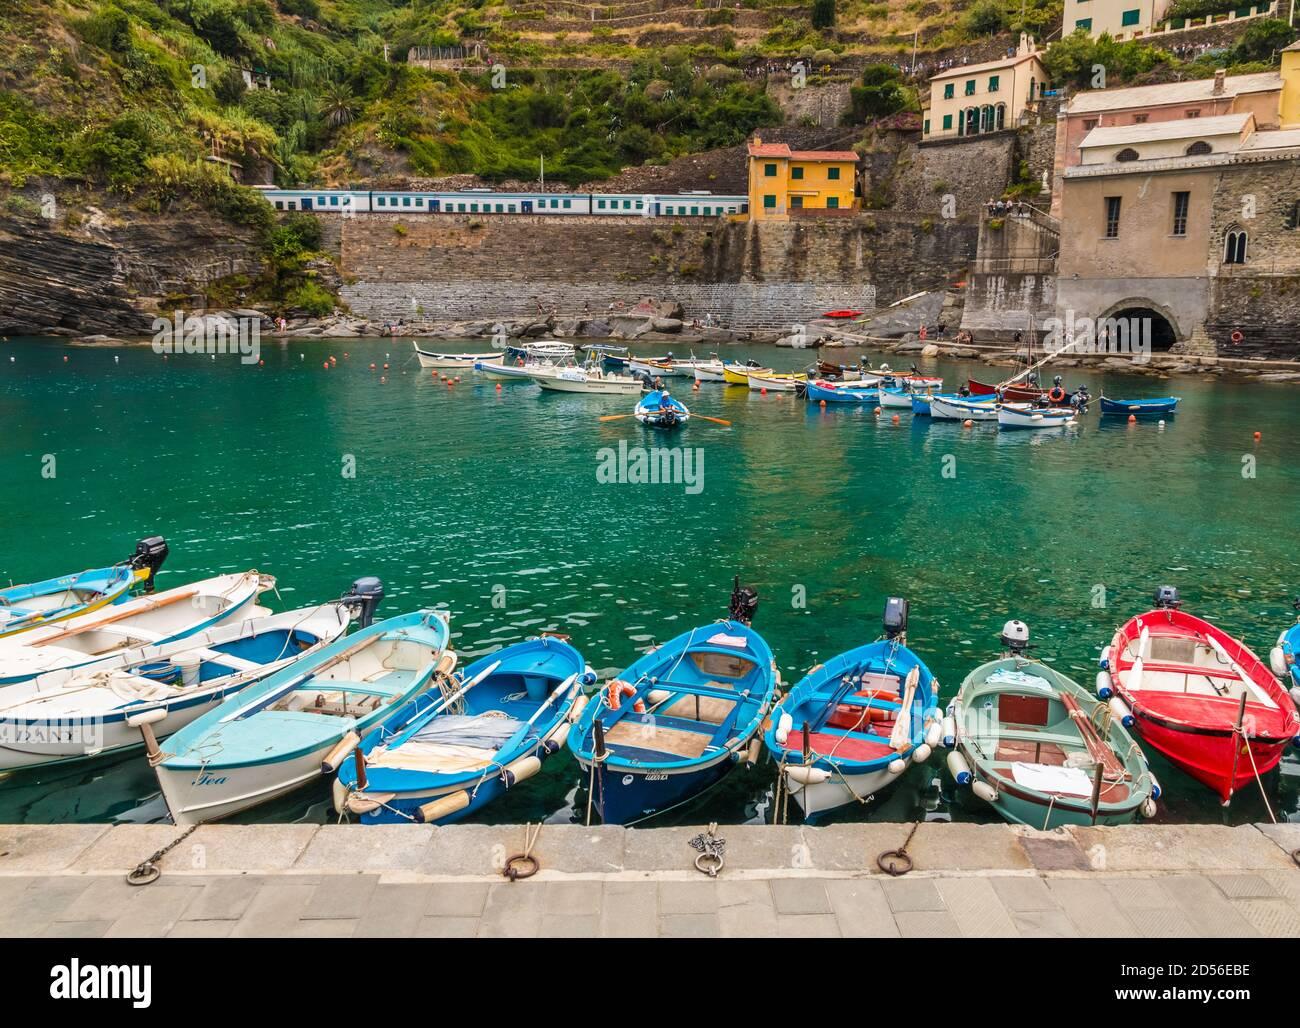 Preciosas vistas del puerto de Vernazza en la zona costera de Cinque Terre. Pequeños barcos, flotando en aguas poco profundas de color turquesa, están atados al muelle y en... Foto de stock